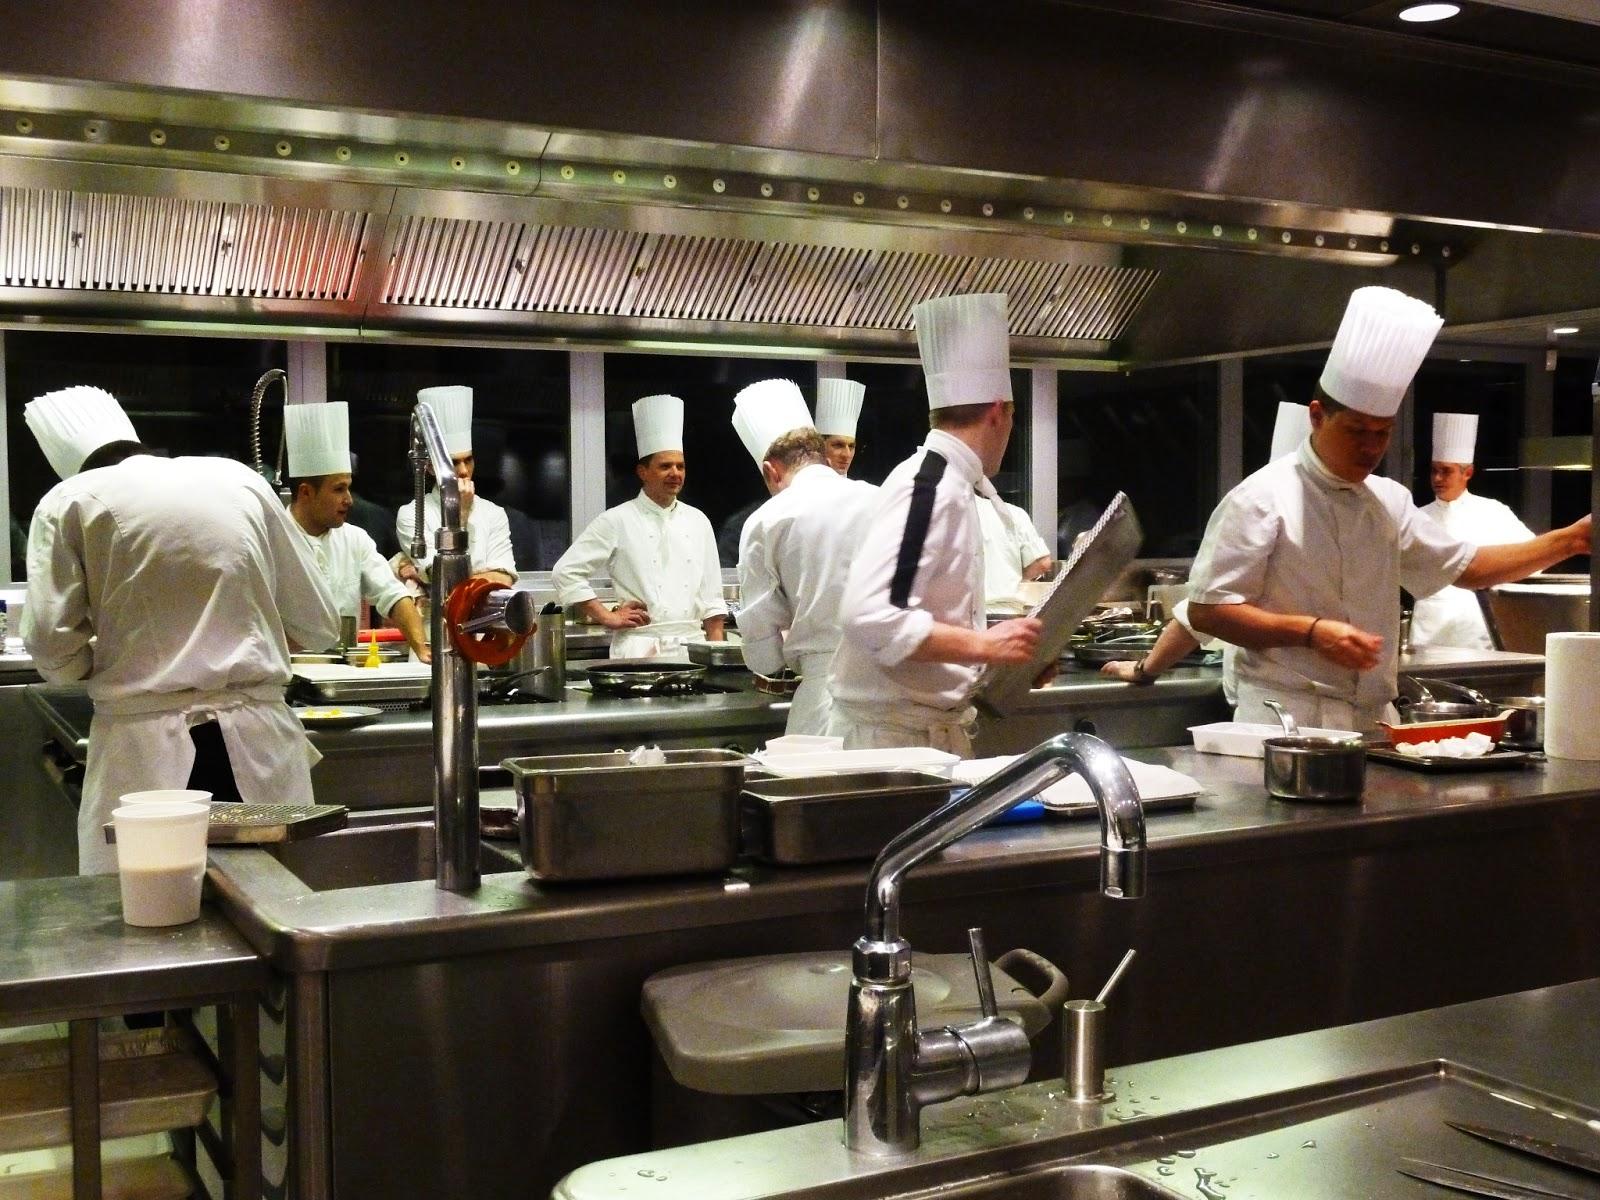 Formation du 1 septembre 2016 g rer ses co ts en cuisine - Restaurant cuisine moleculaire suisse ...